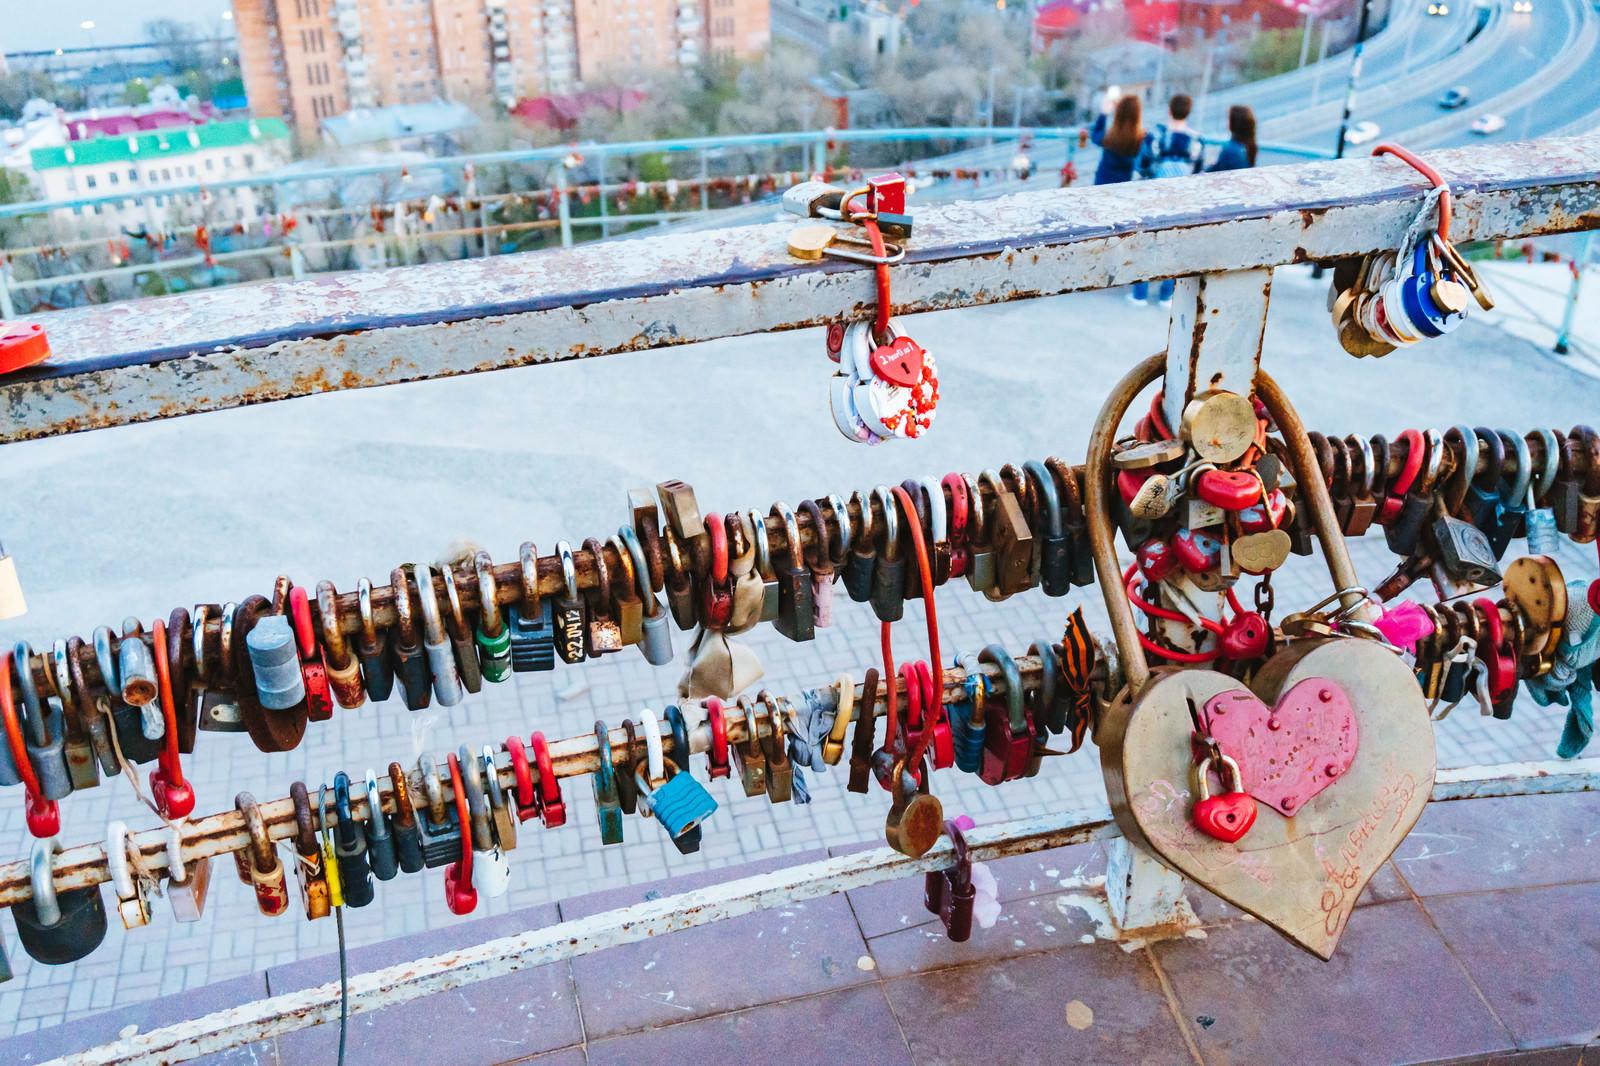 「手すり括り付けられたハート型の南京錠の数々手すり括り付けられたハート型の南京錠の数々」のフリー写真素材を拡大